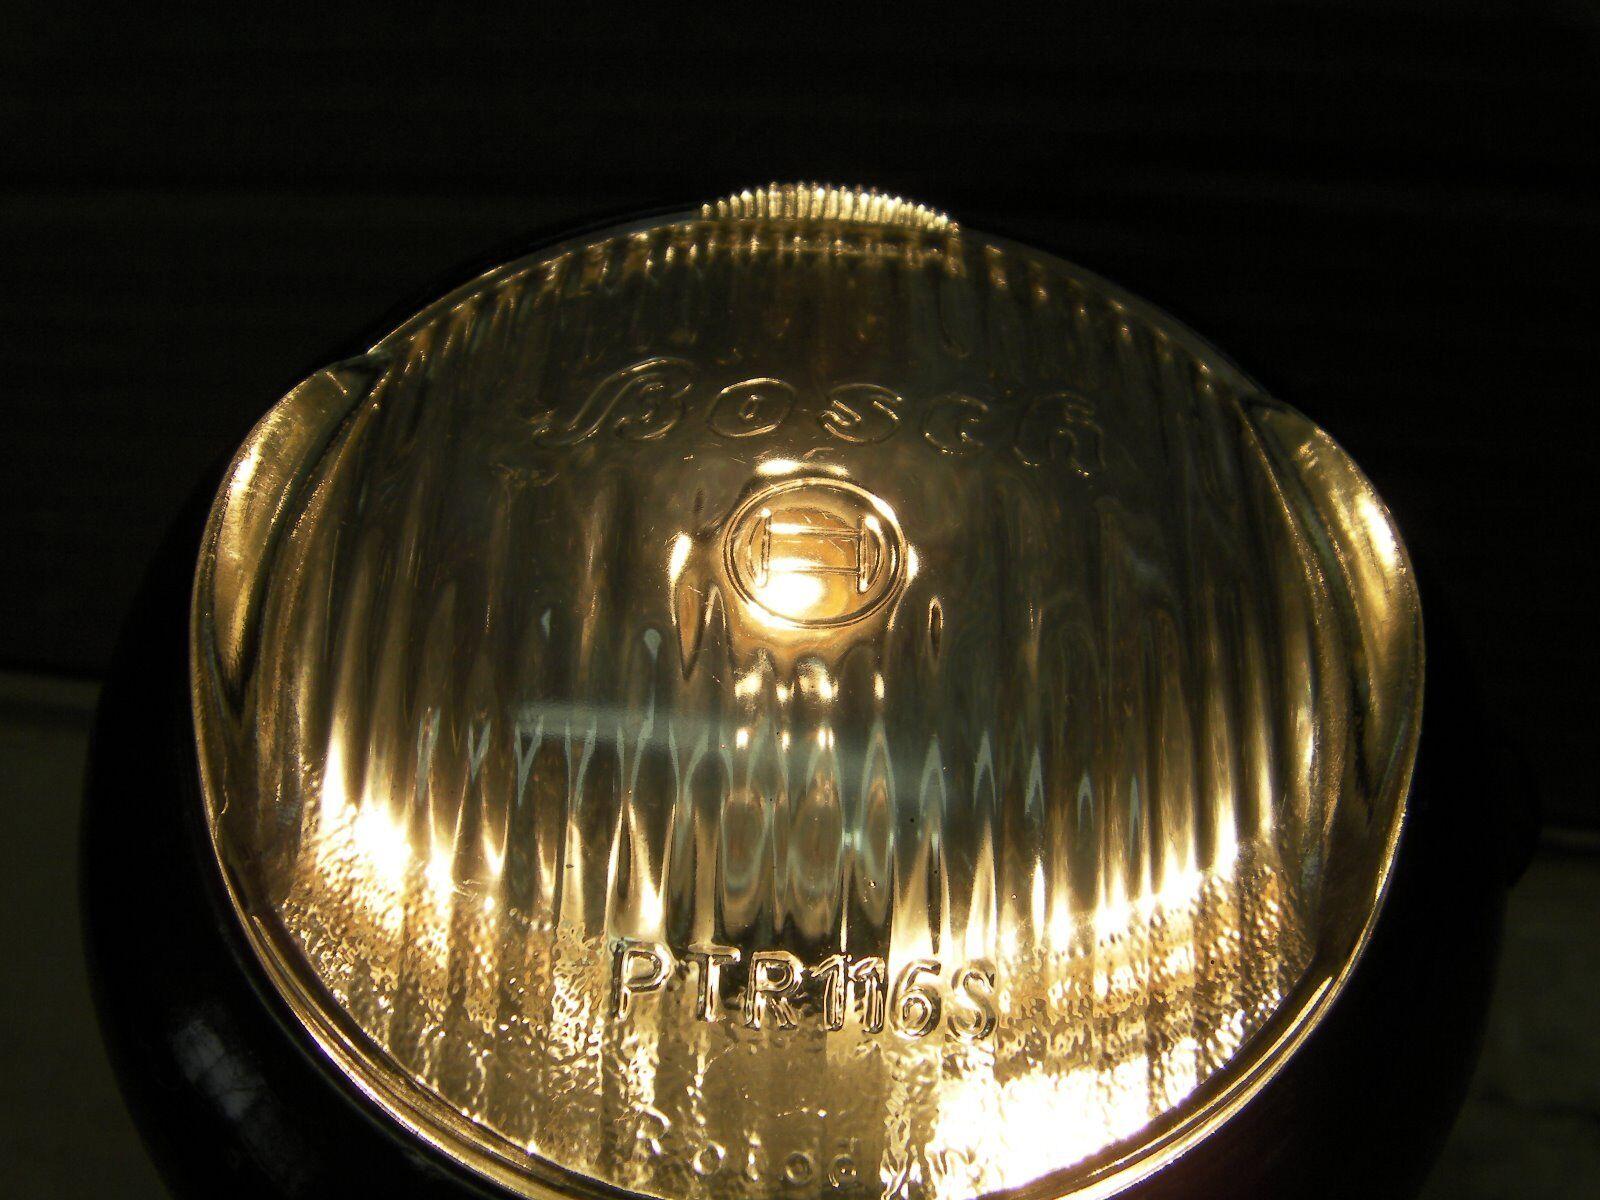 Gruppo-luce Gruppo-luce Gruppo-luce  BOSCH  rossoodyn,  anni '40 50, per bici d'epoca storiche. ab8655